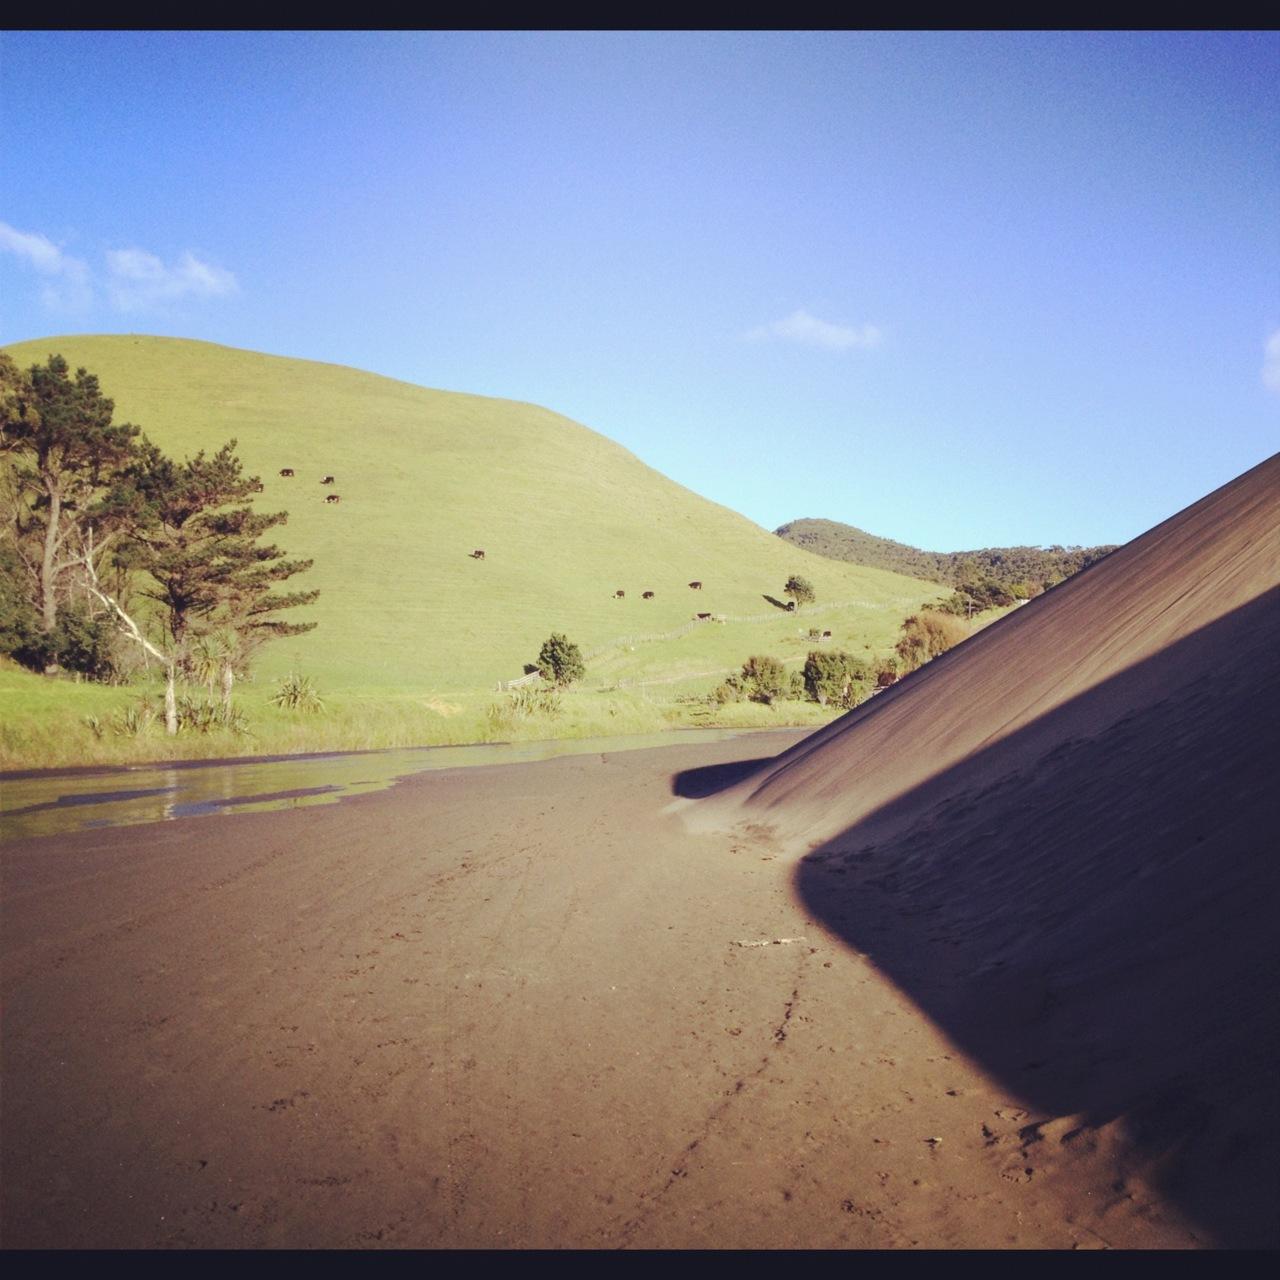 Lush farmland vs. sand dunes